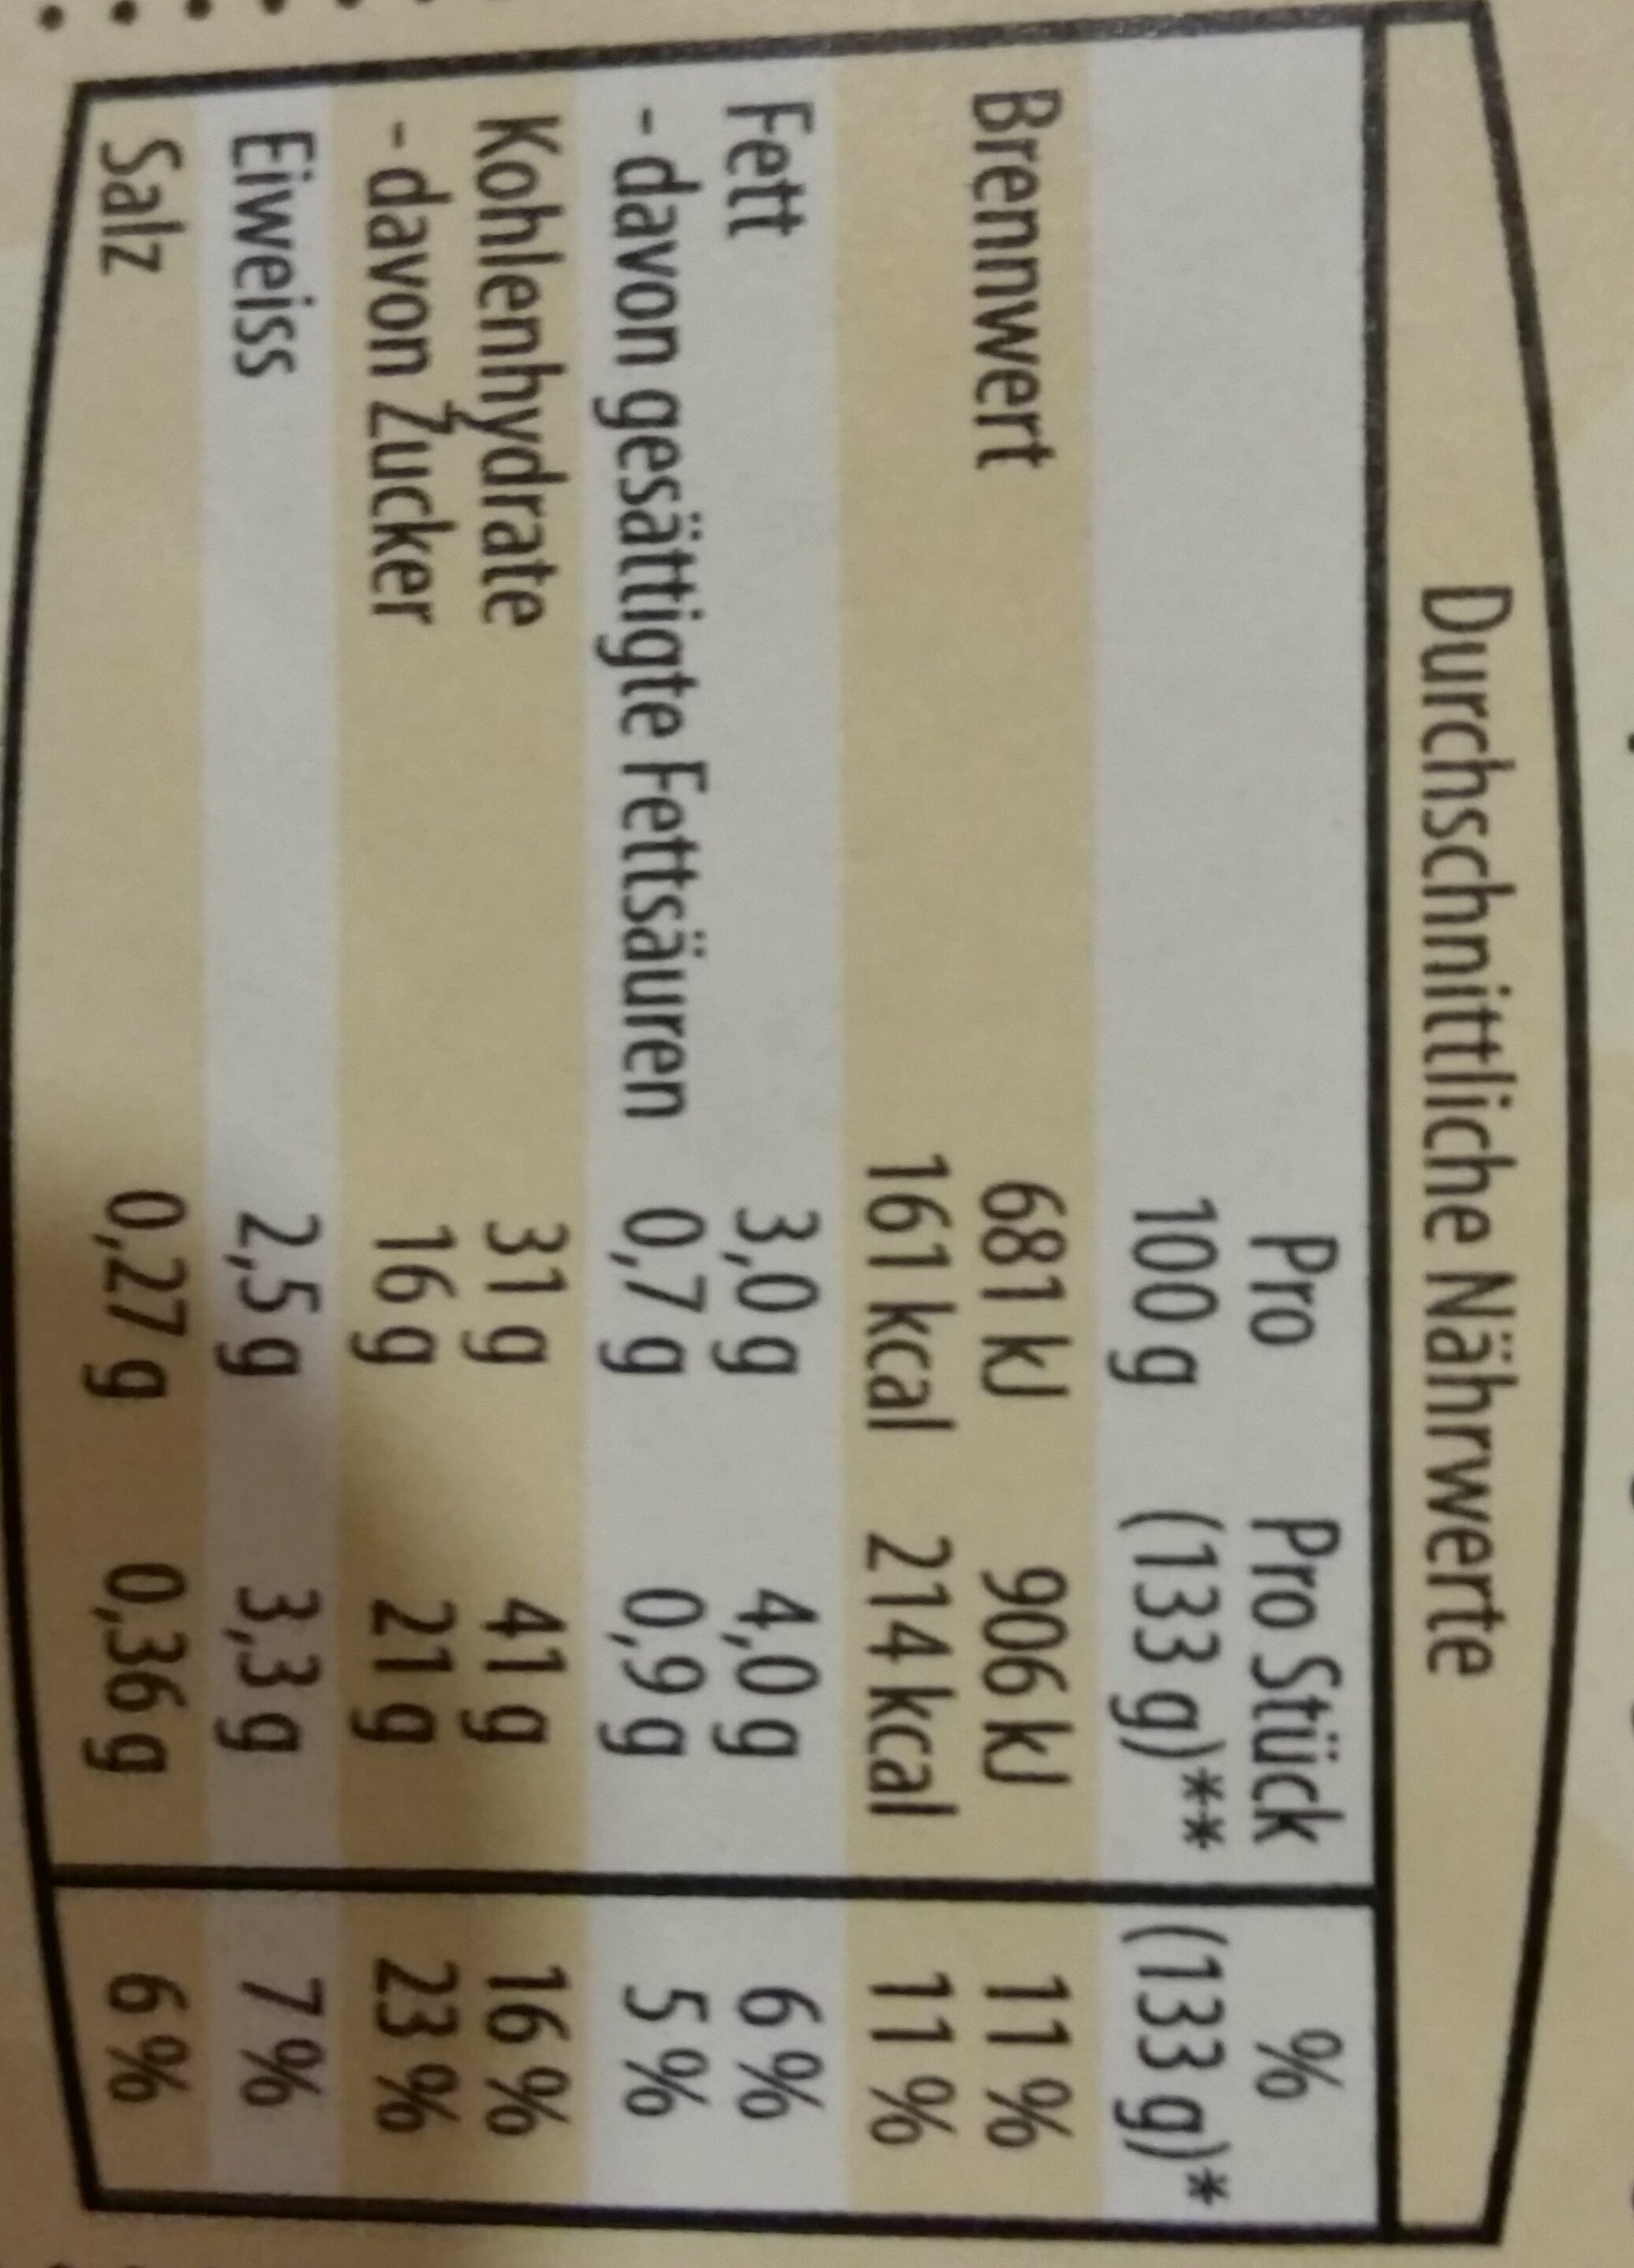 Wiener Apfelstrudel - Nutrition facts